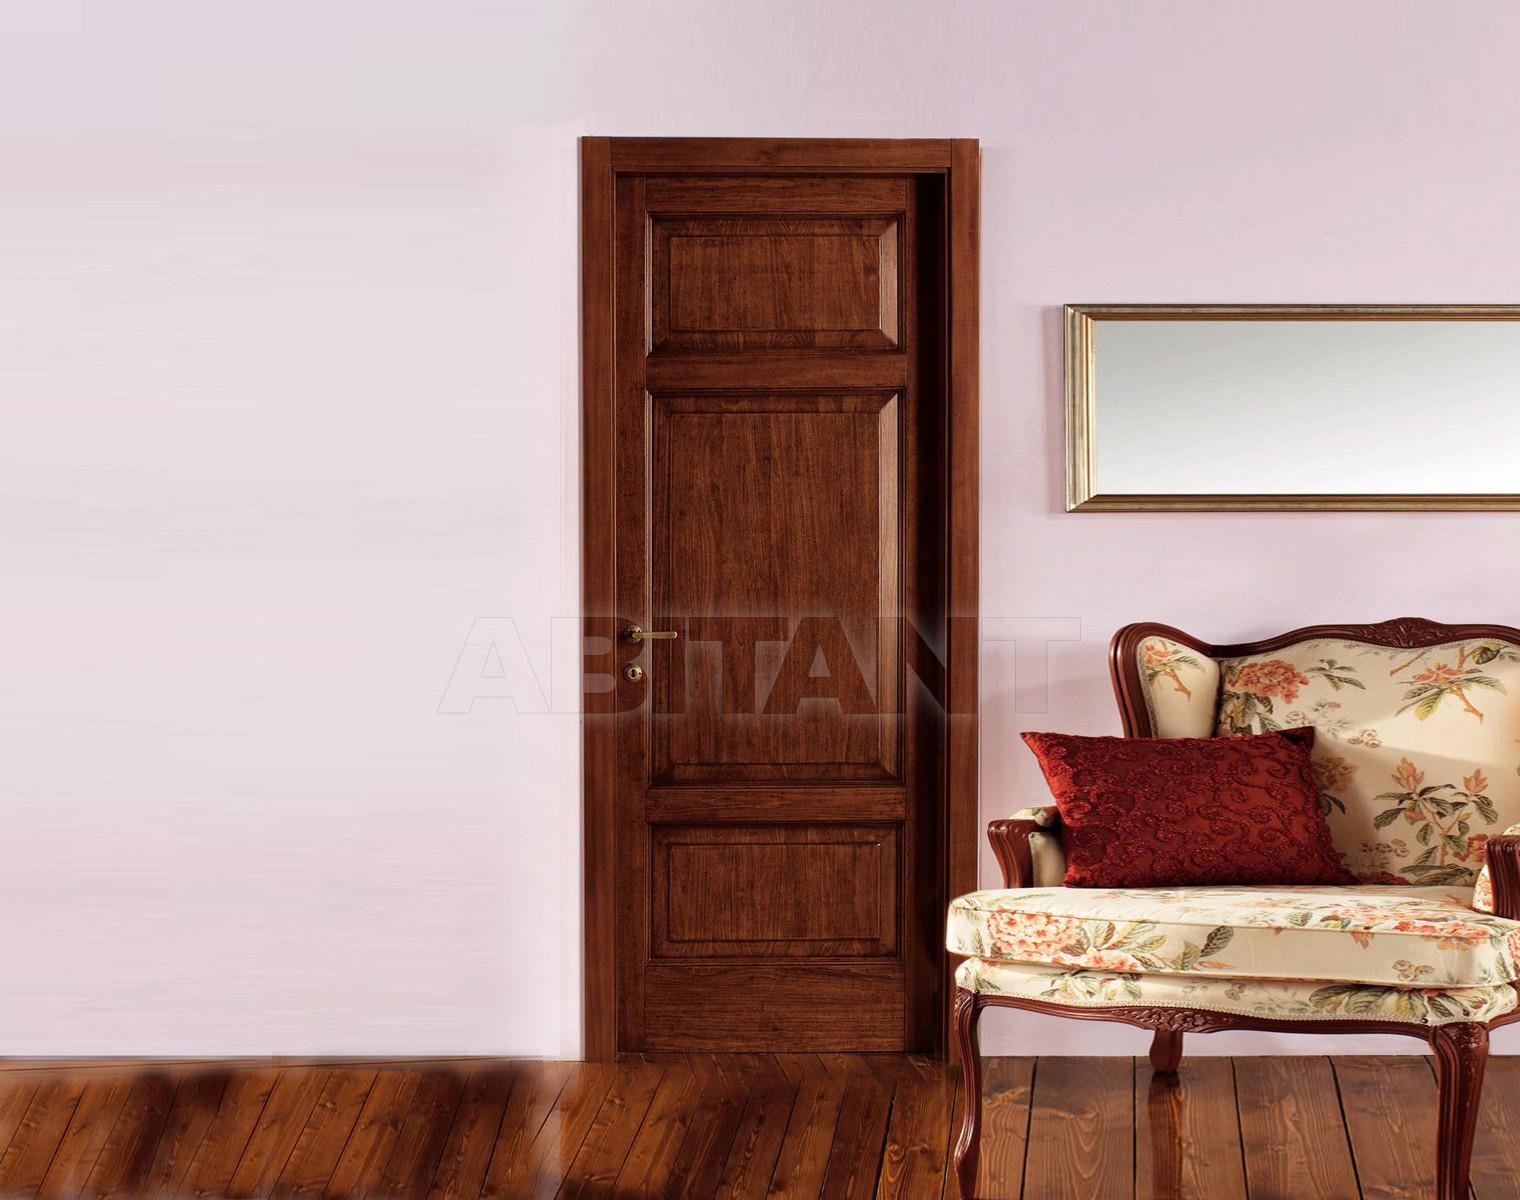 Купить Дверь деревянная Tiferno Mobili Dinasie E3COP01 pag. = 61